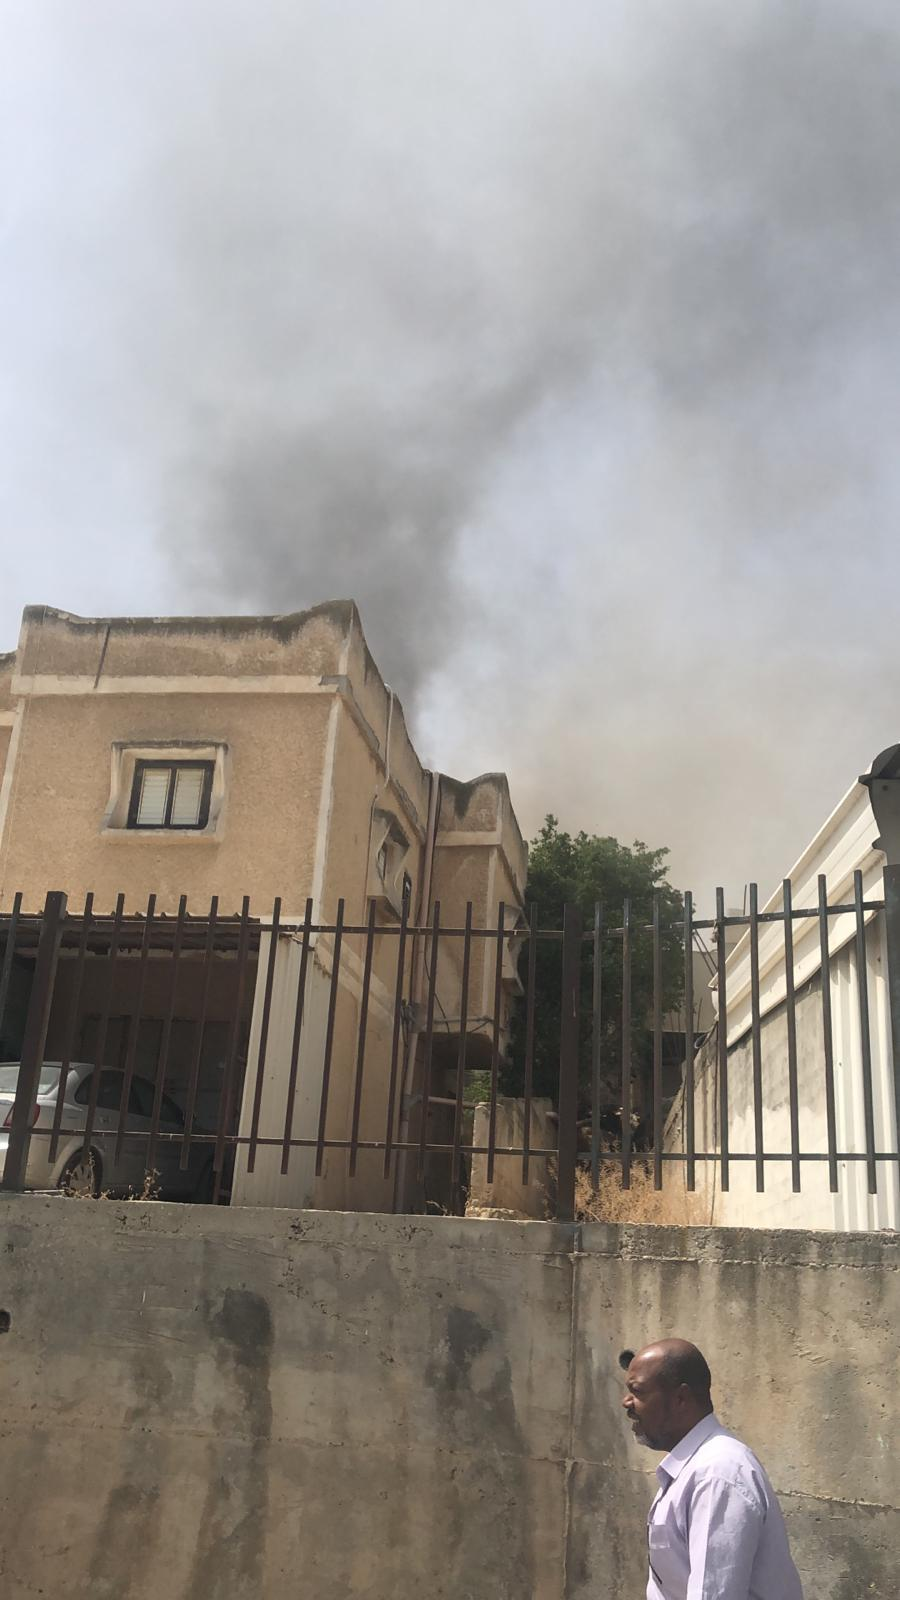 رهط: 4 إصابات في حريق منزل امتد لآخر